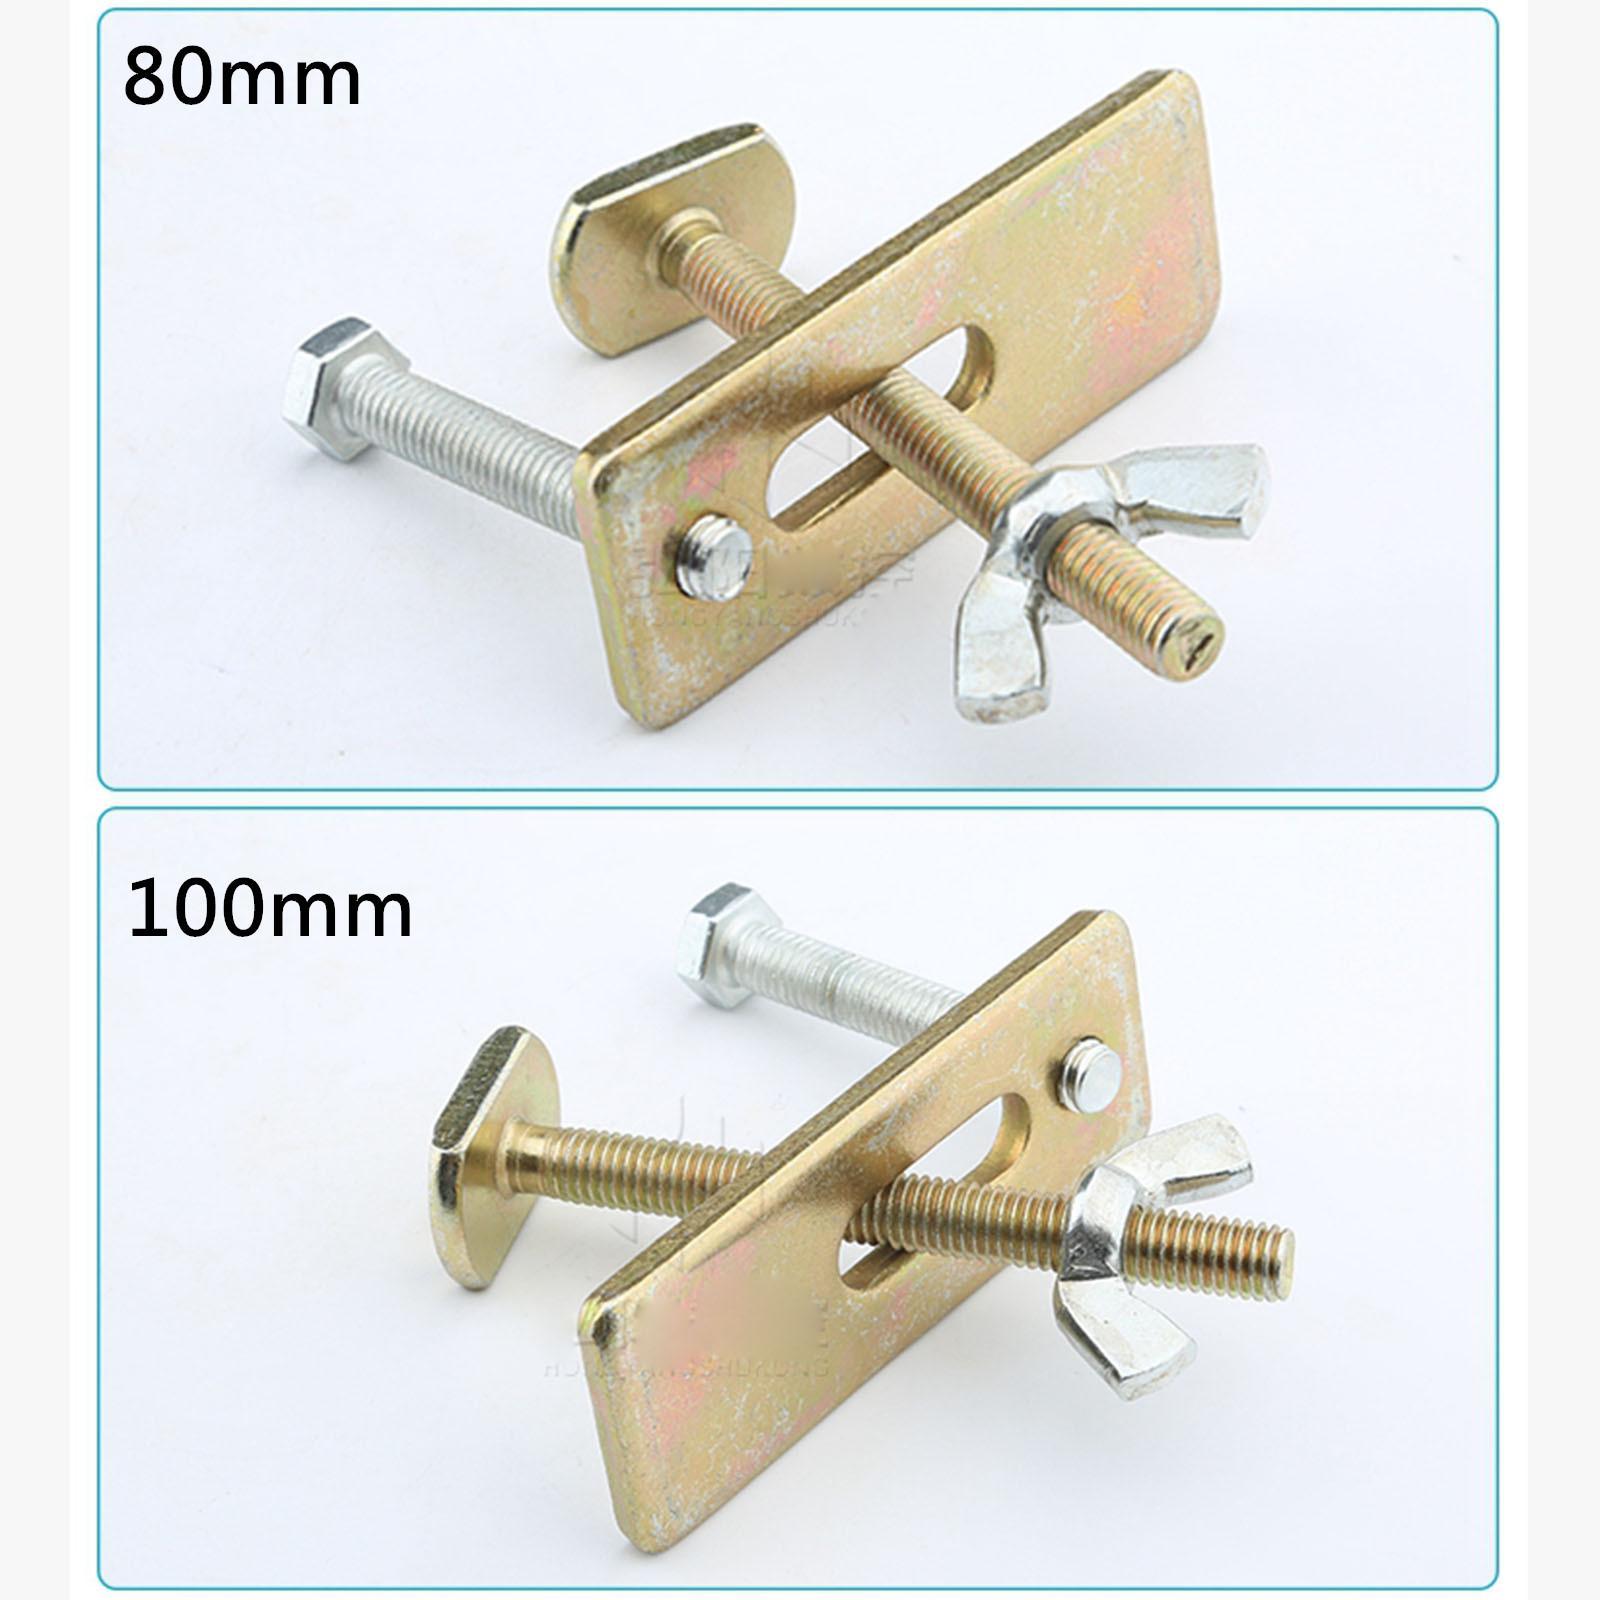 80/100mm Cnc Gravur Maschine Tabletop Stahl Press Leuchte Zubehör Bequem Zu Kochen Rohre & Armaturen